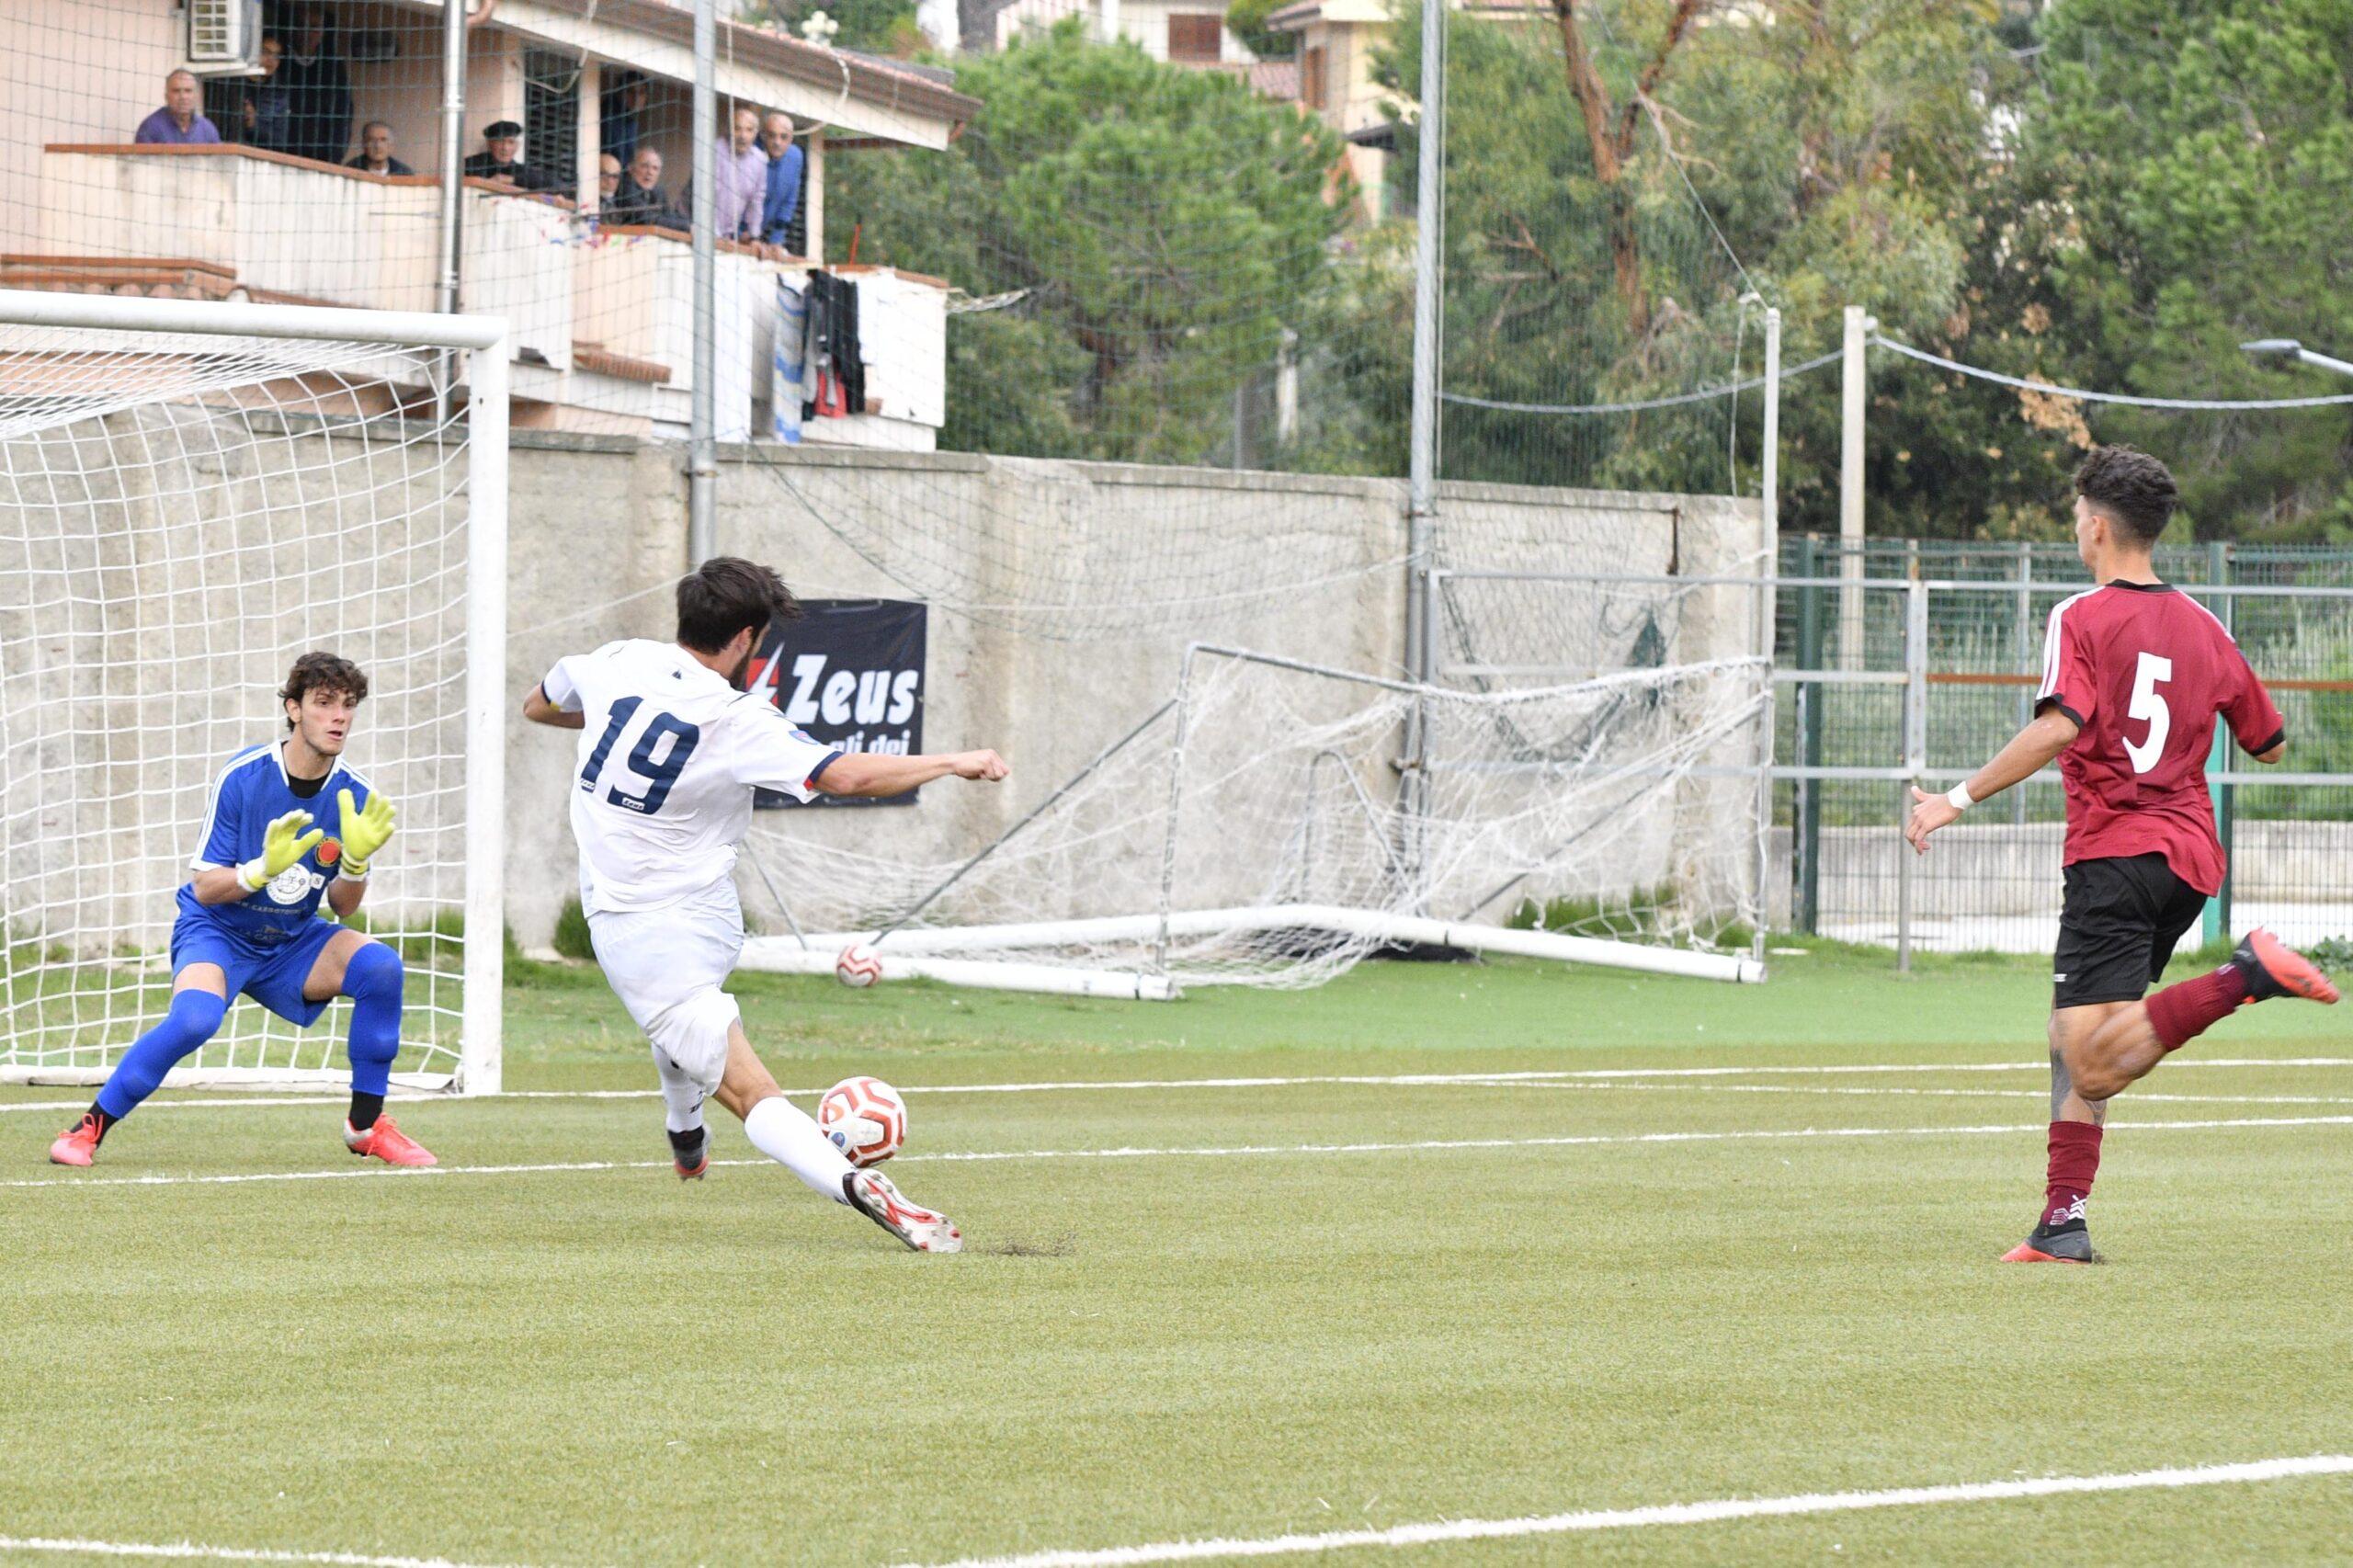 Polisportiva Santa Maria 2-0 Roccella, la sintesi